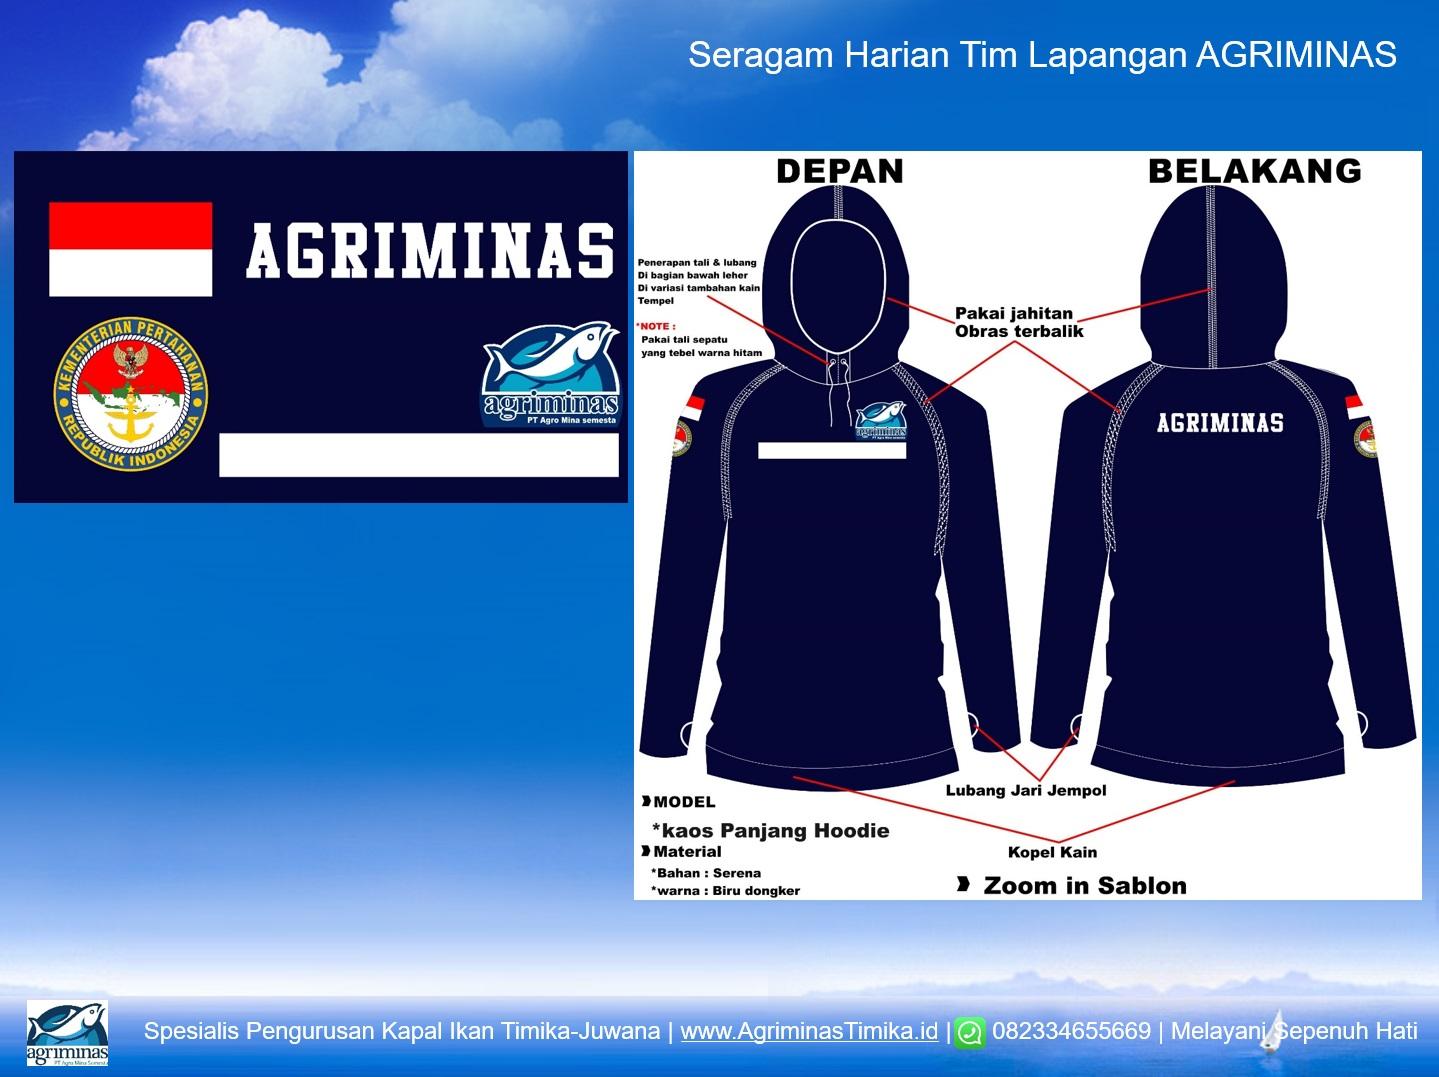 Kaos seragam harian tim Agriminas